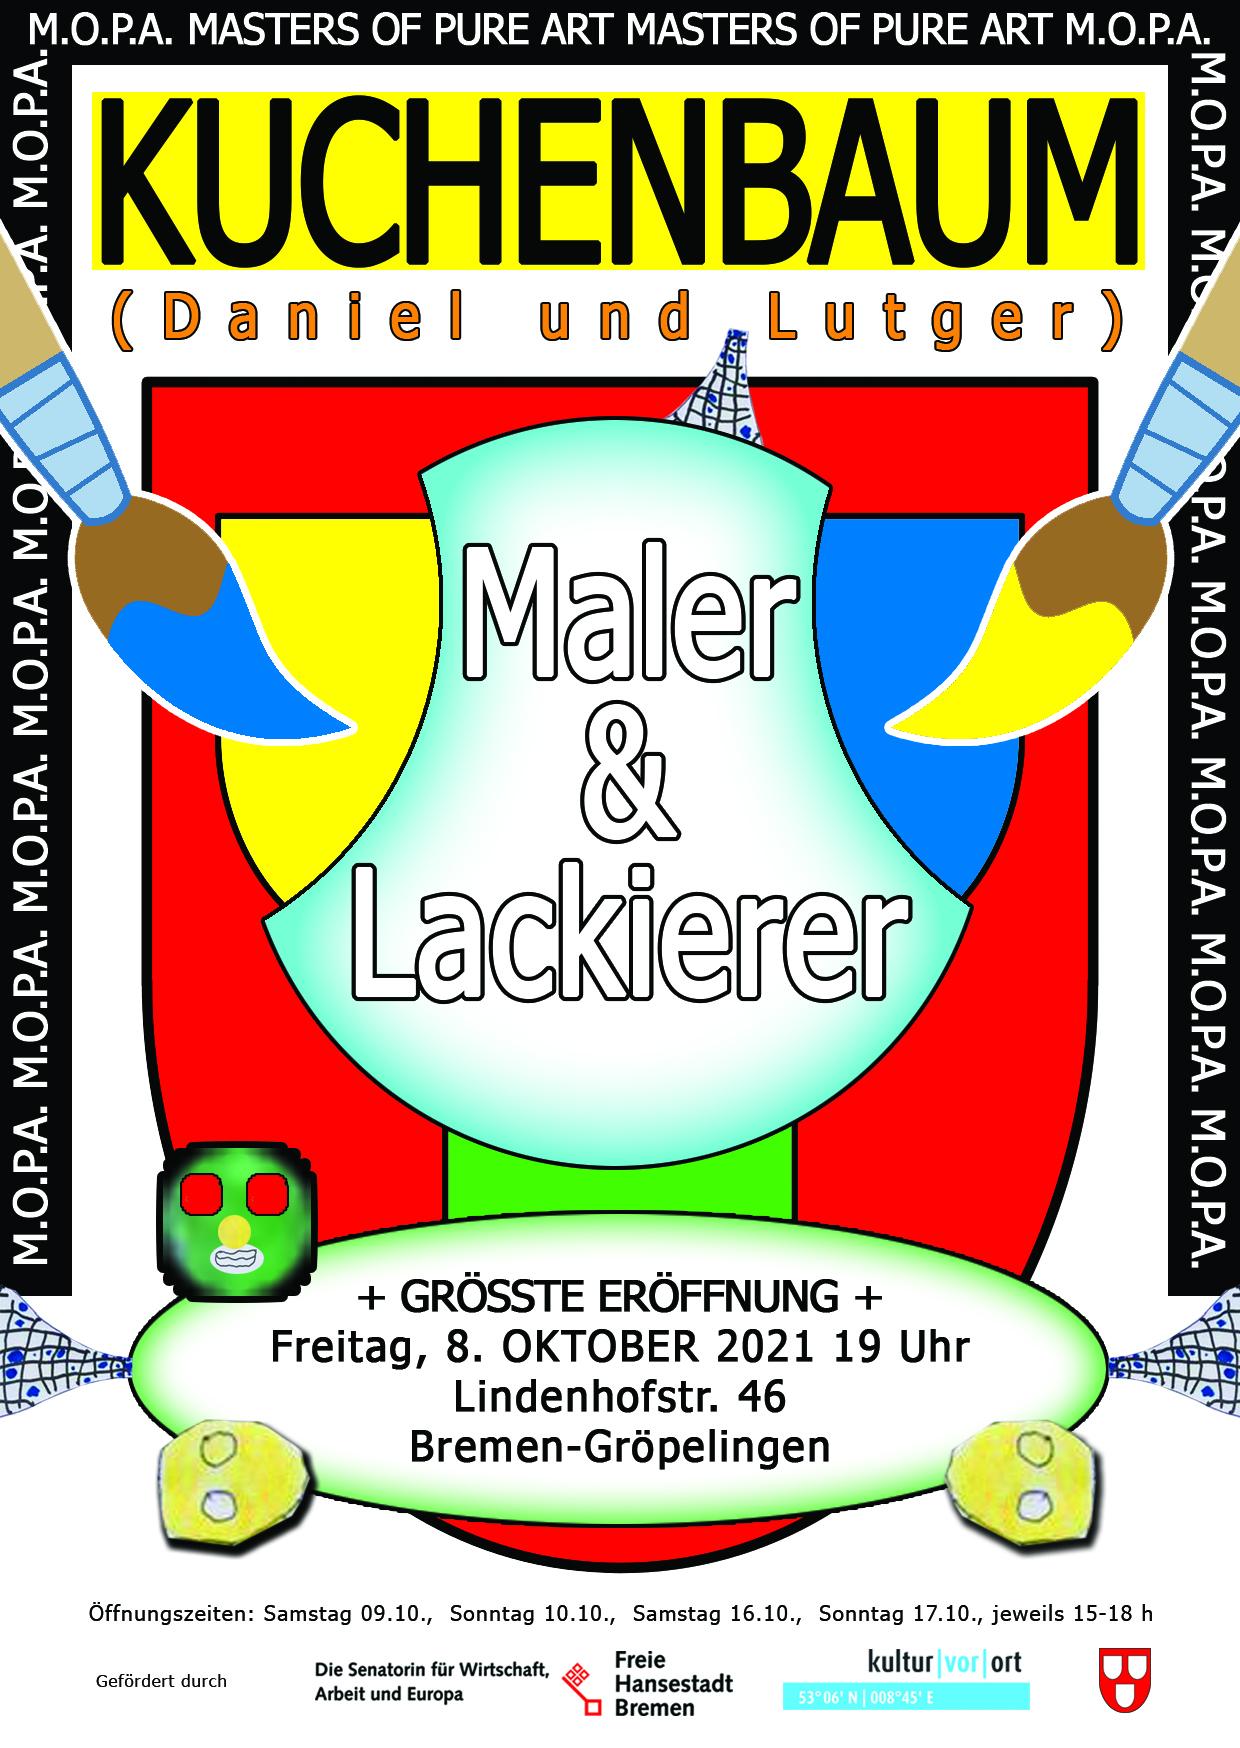 Eröffnung: Maler & Lackierer von KUCHENBAUM